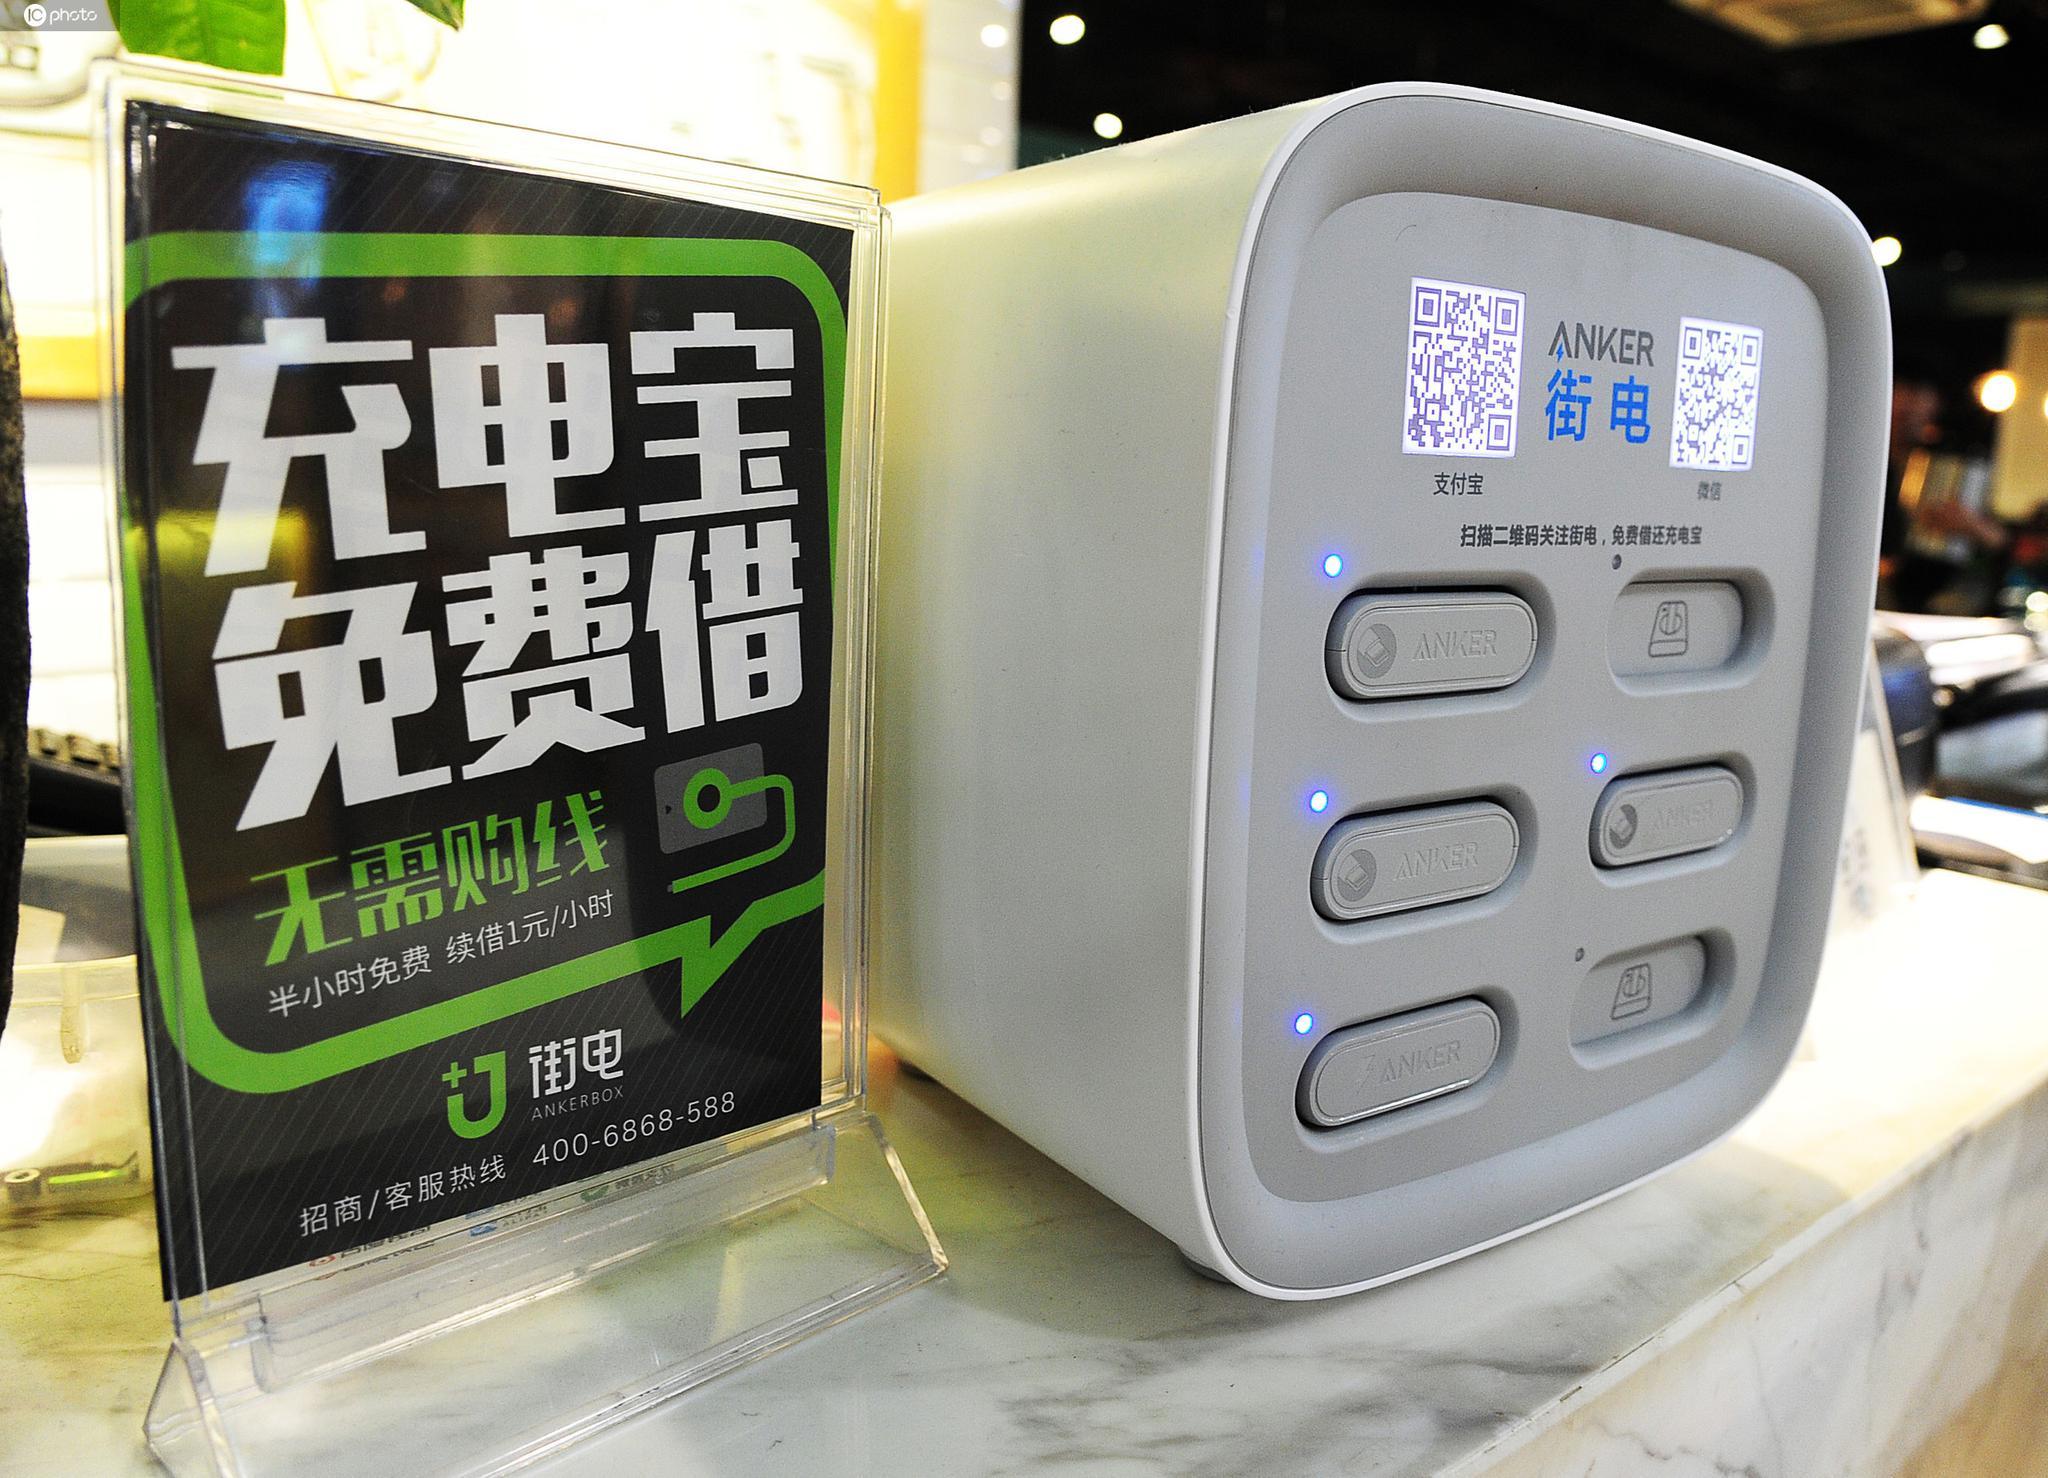 共享充电大幅涨价,行业规范缺失、标准未定问题待解